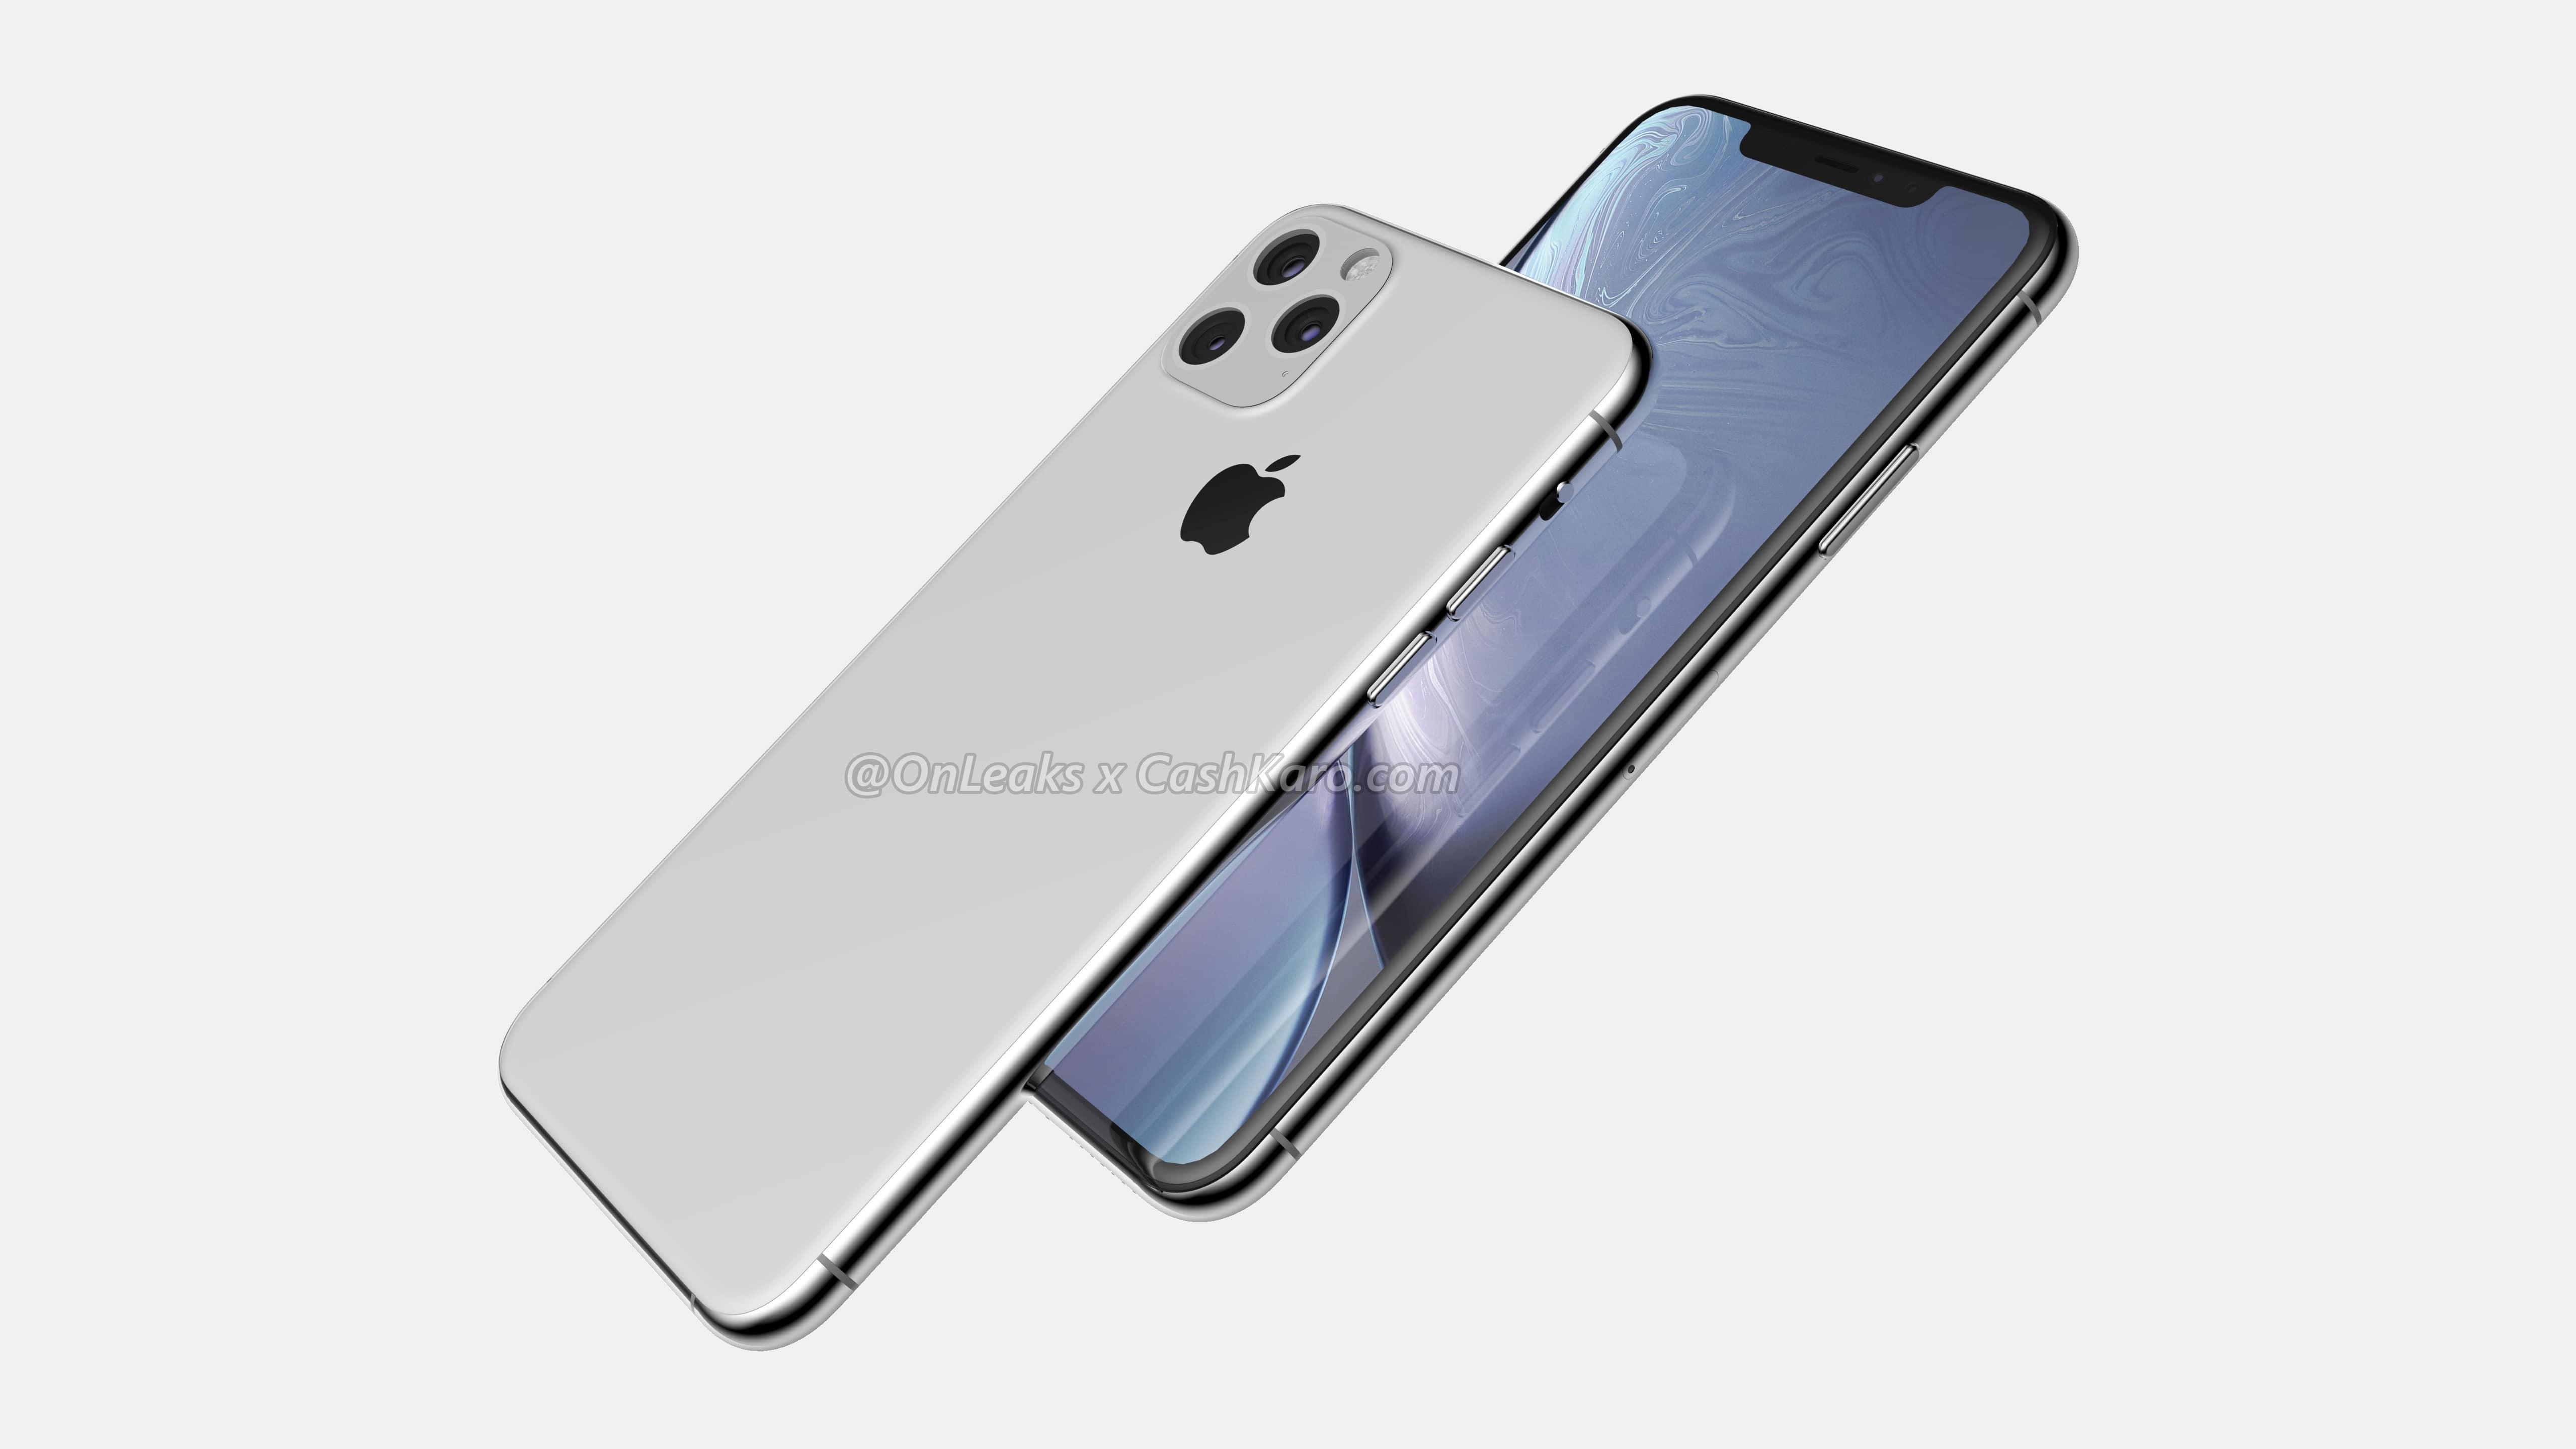 iPhone 11 Maxのデザインはこんな感じ?レンダー画像が登場